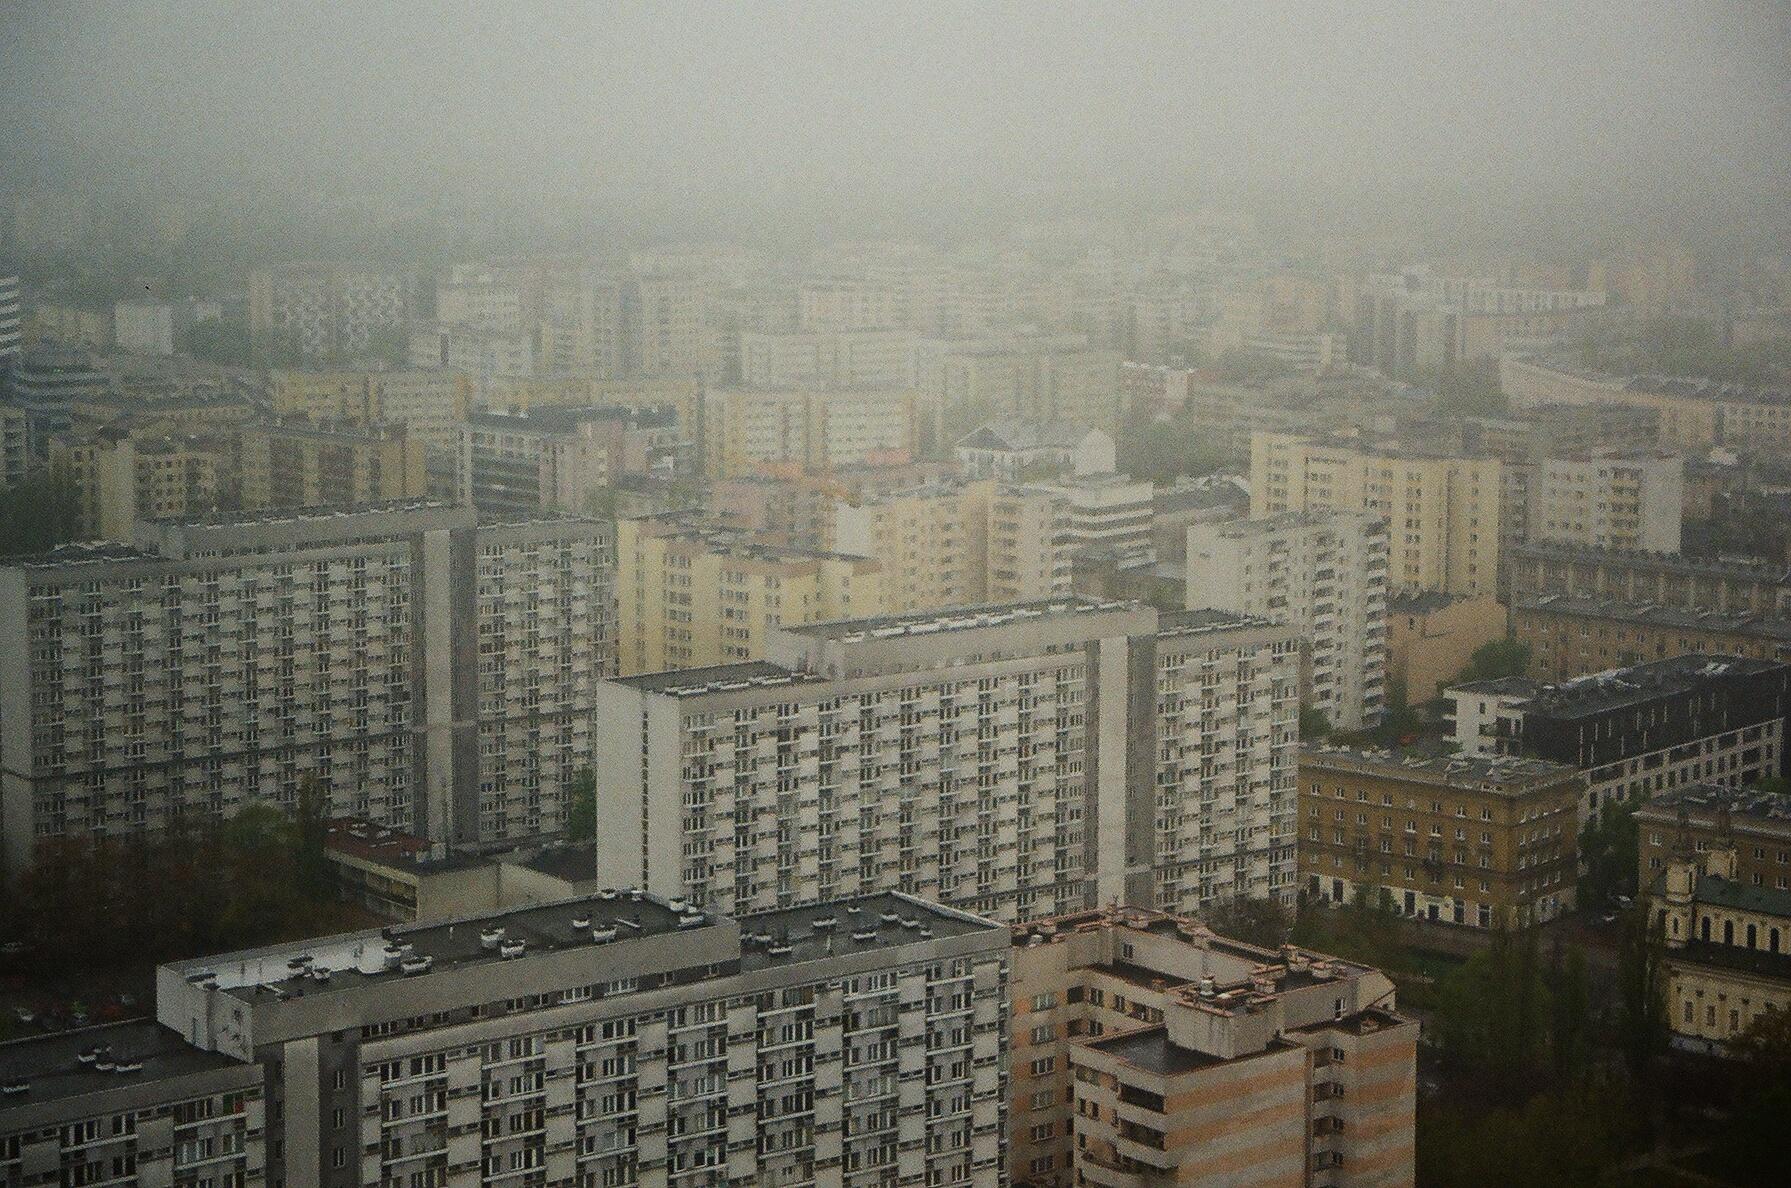 Zdjęcie zrobione miastu we smogu.